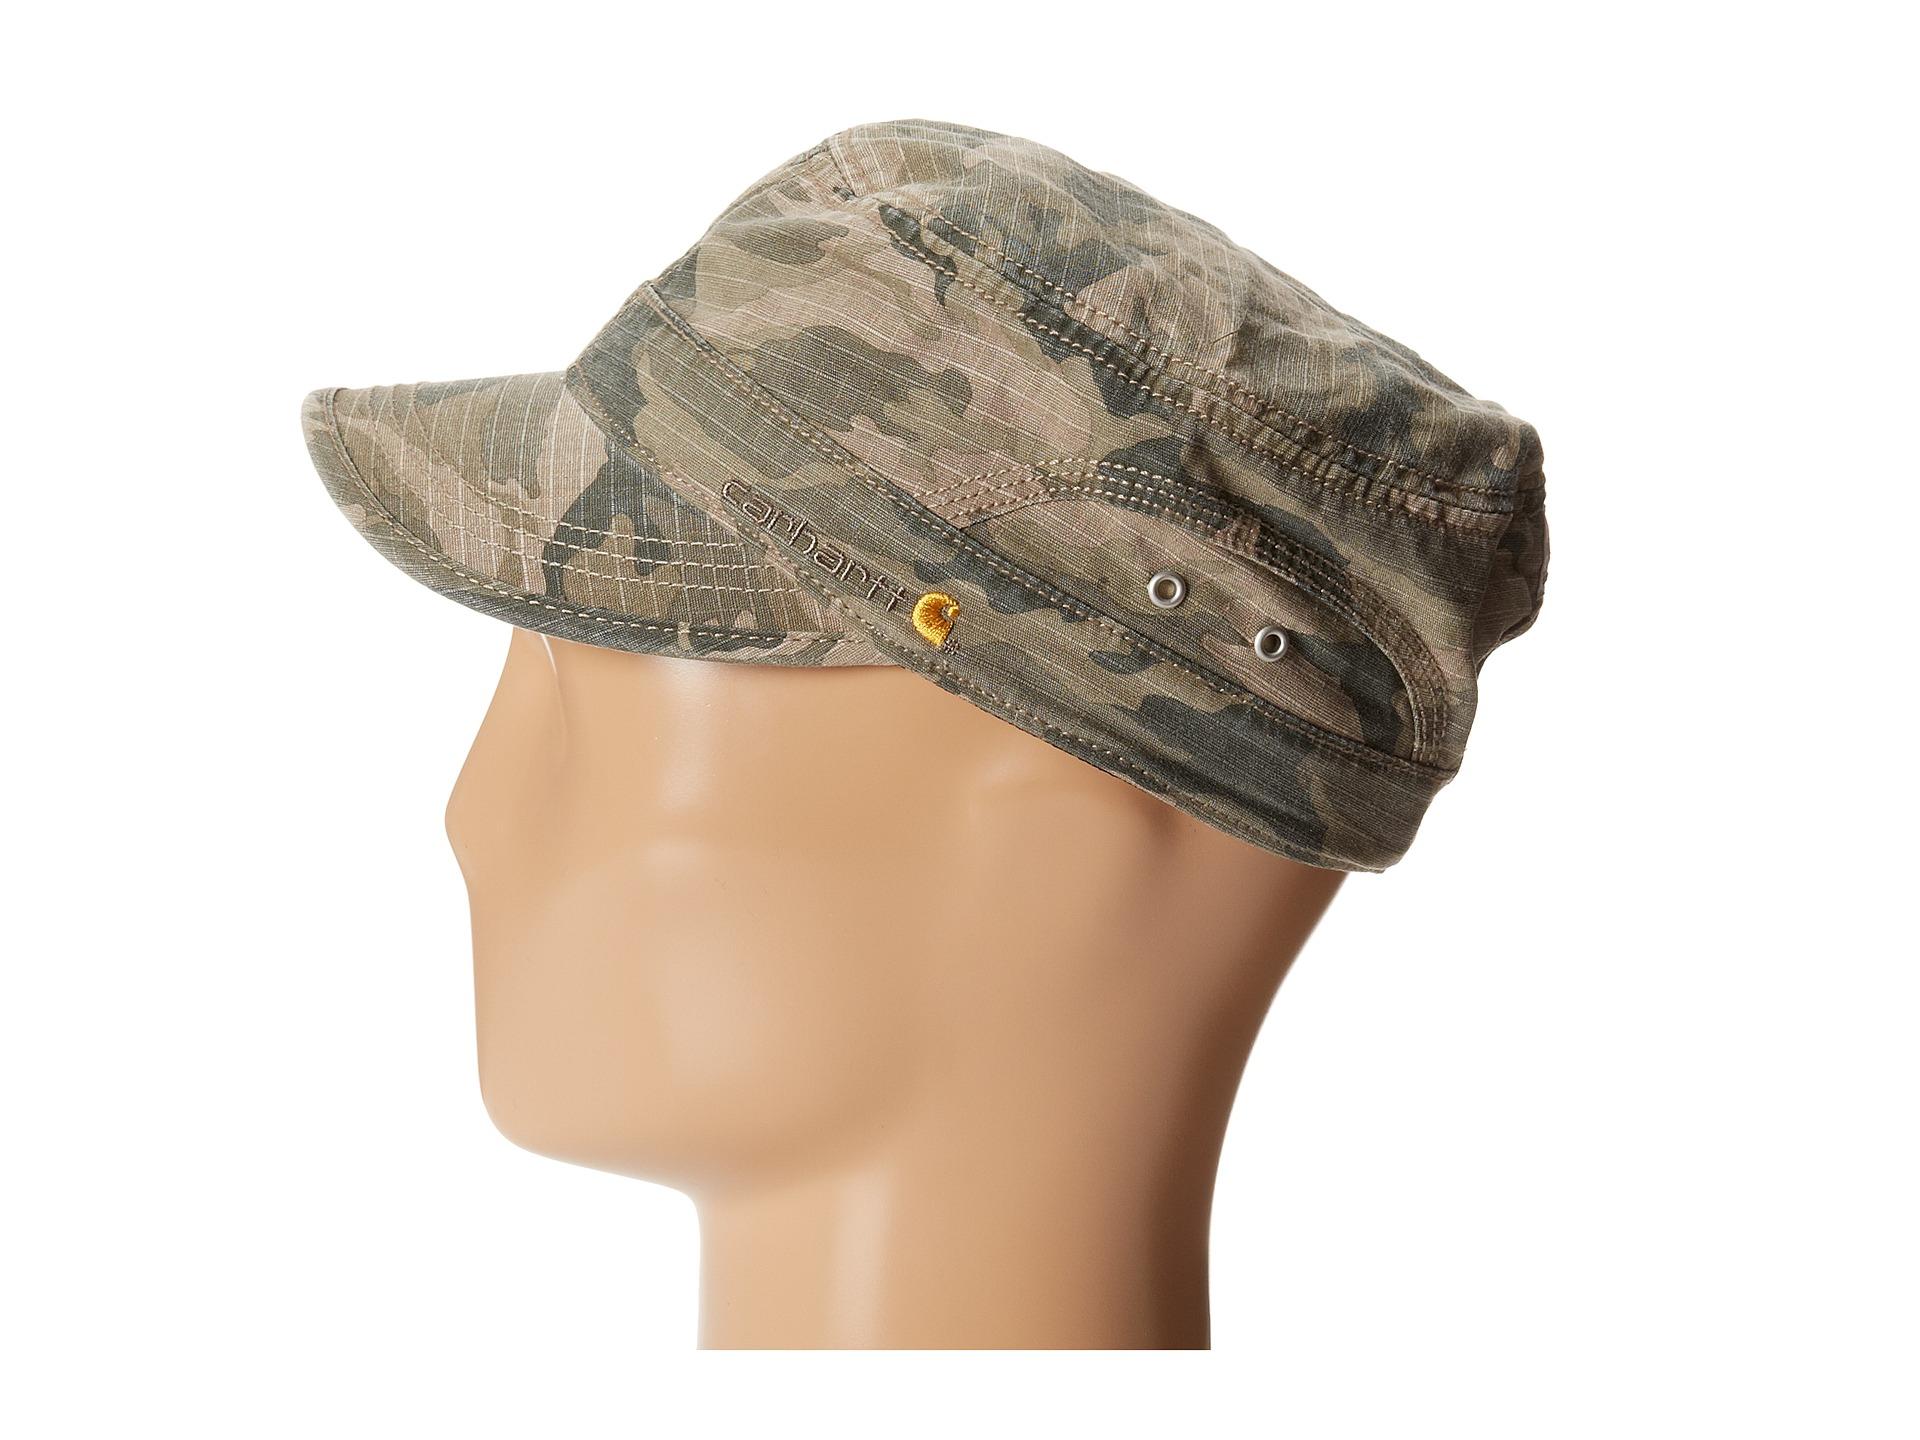 b509986ae9d33 ... spain lyst carhartt el paso ripstop military cap in natural 4eb37 561b9